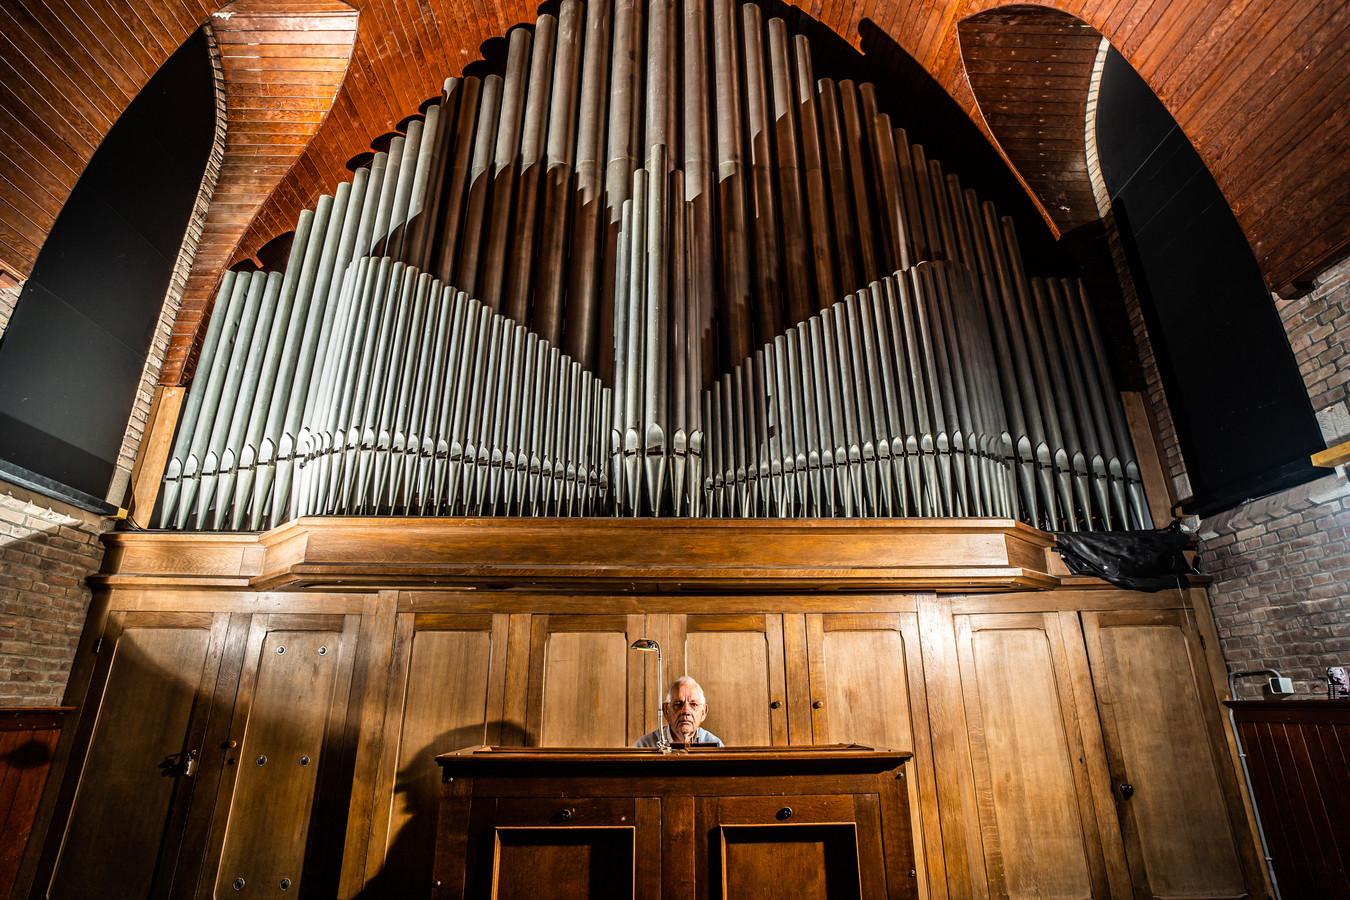 Jos Mijland bespeelt het gerestaureerde orgel in de theaterkerk in Bemmel. Foto: Rolf Hensel.